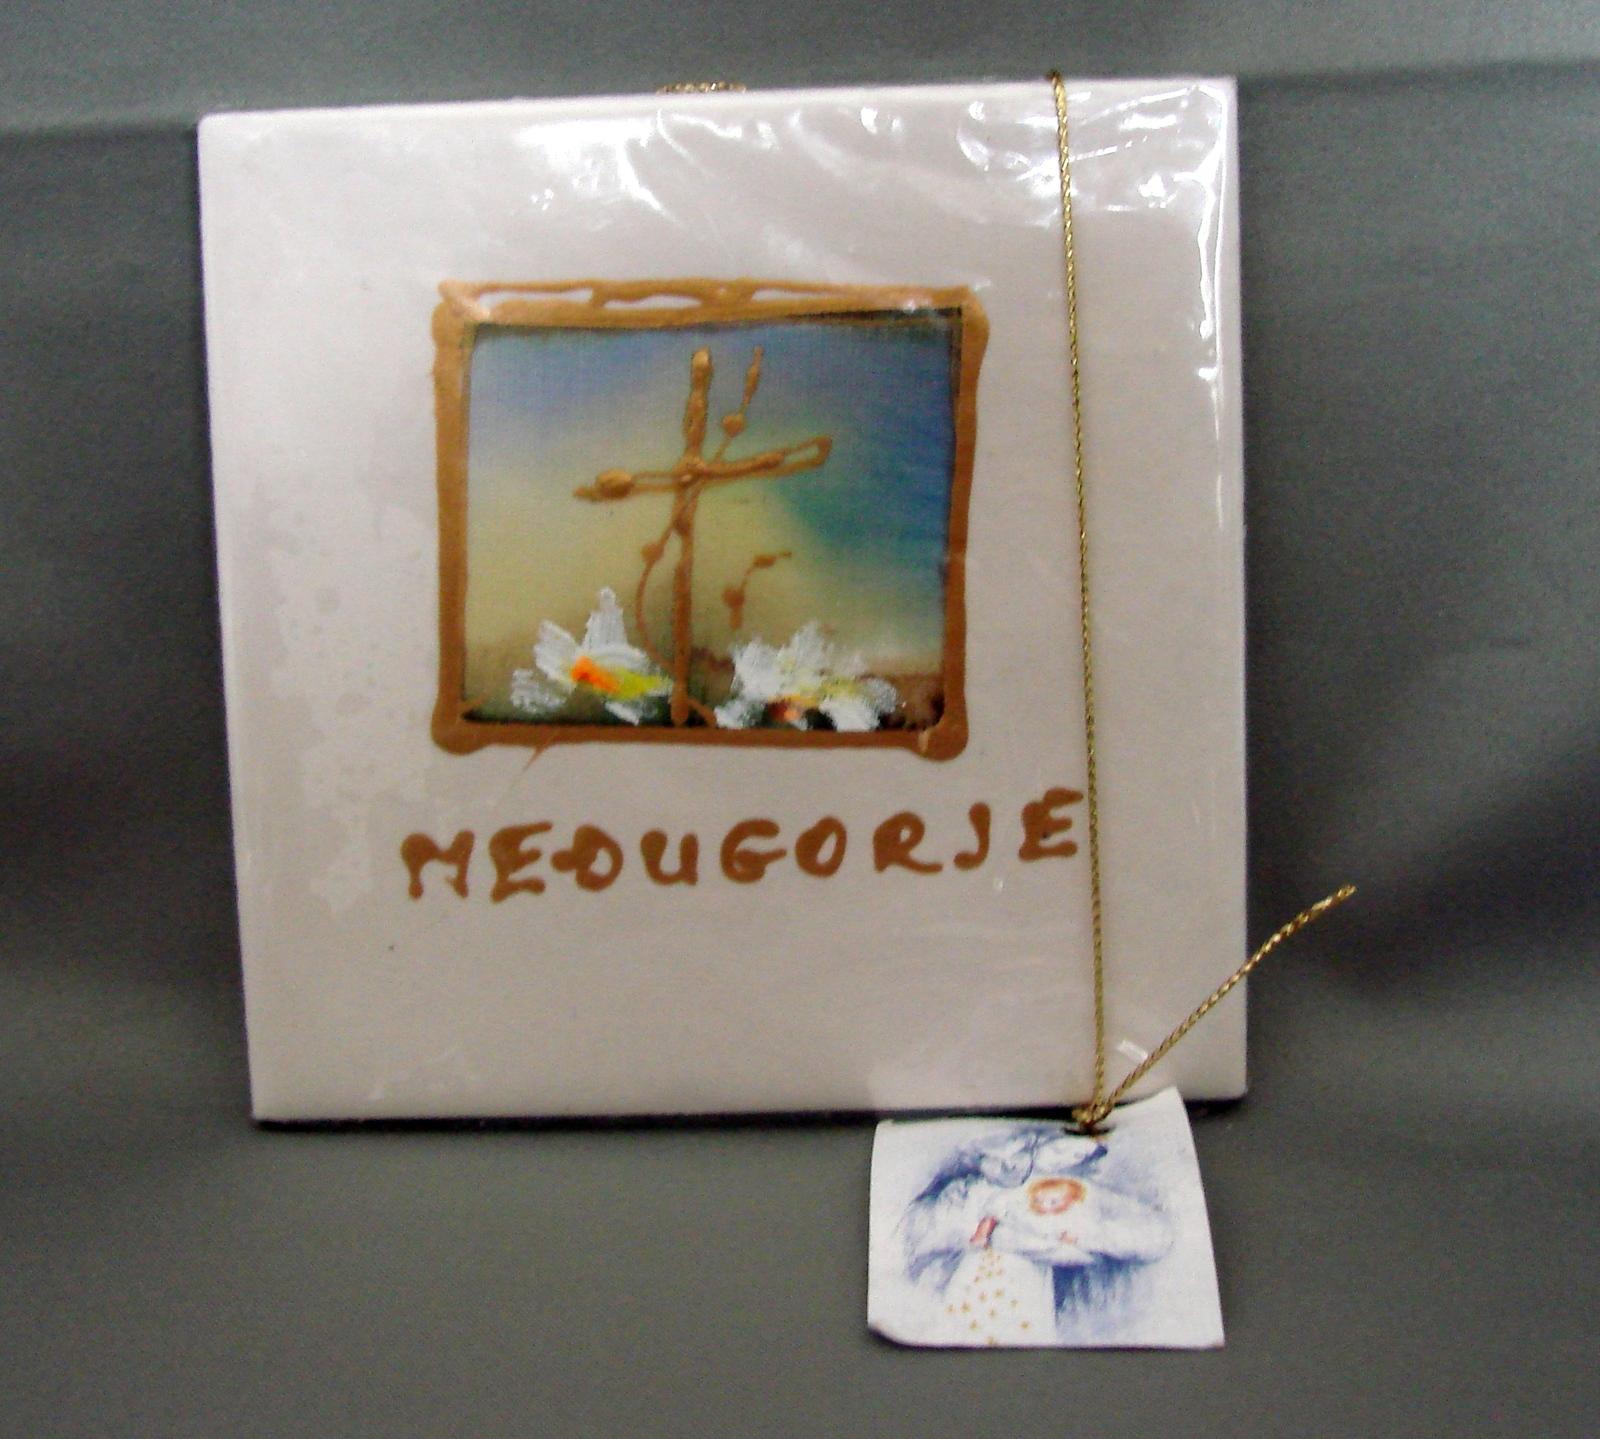 Medugorje Souvenir Art Tile NEW